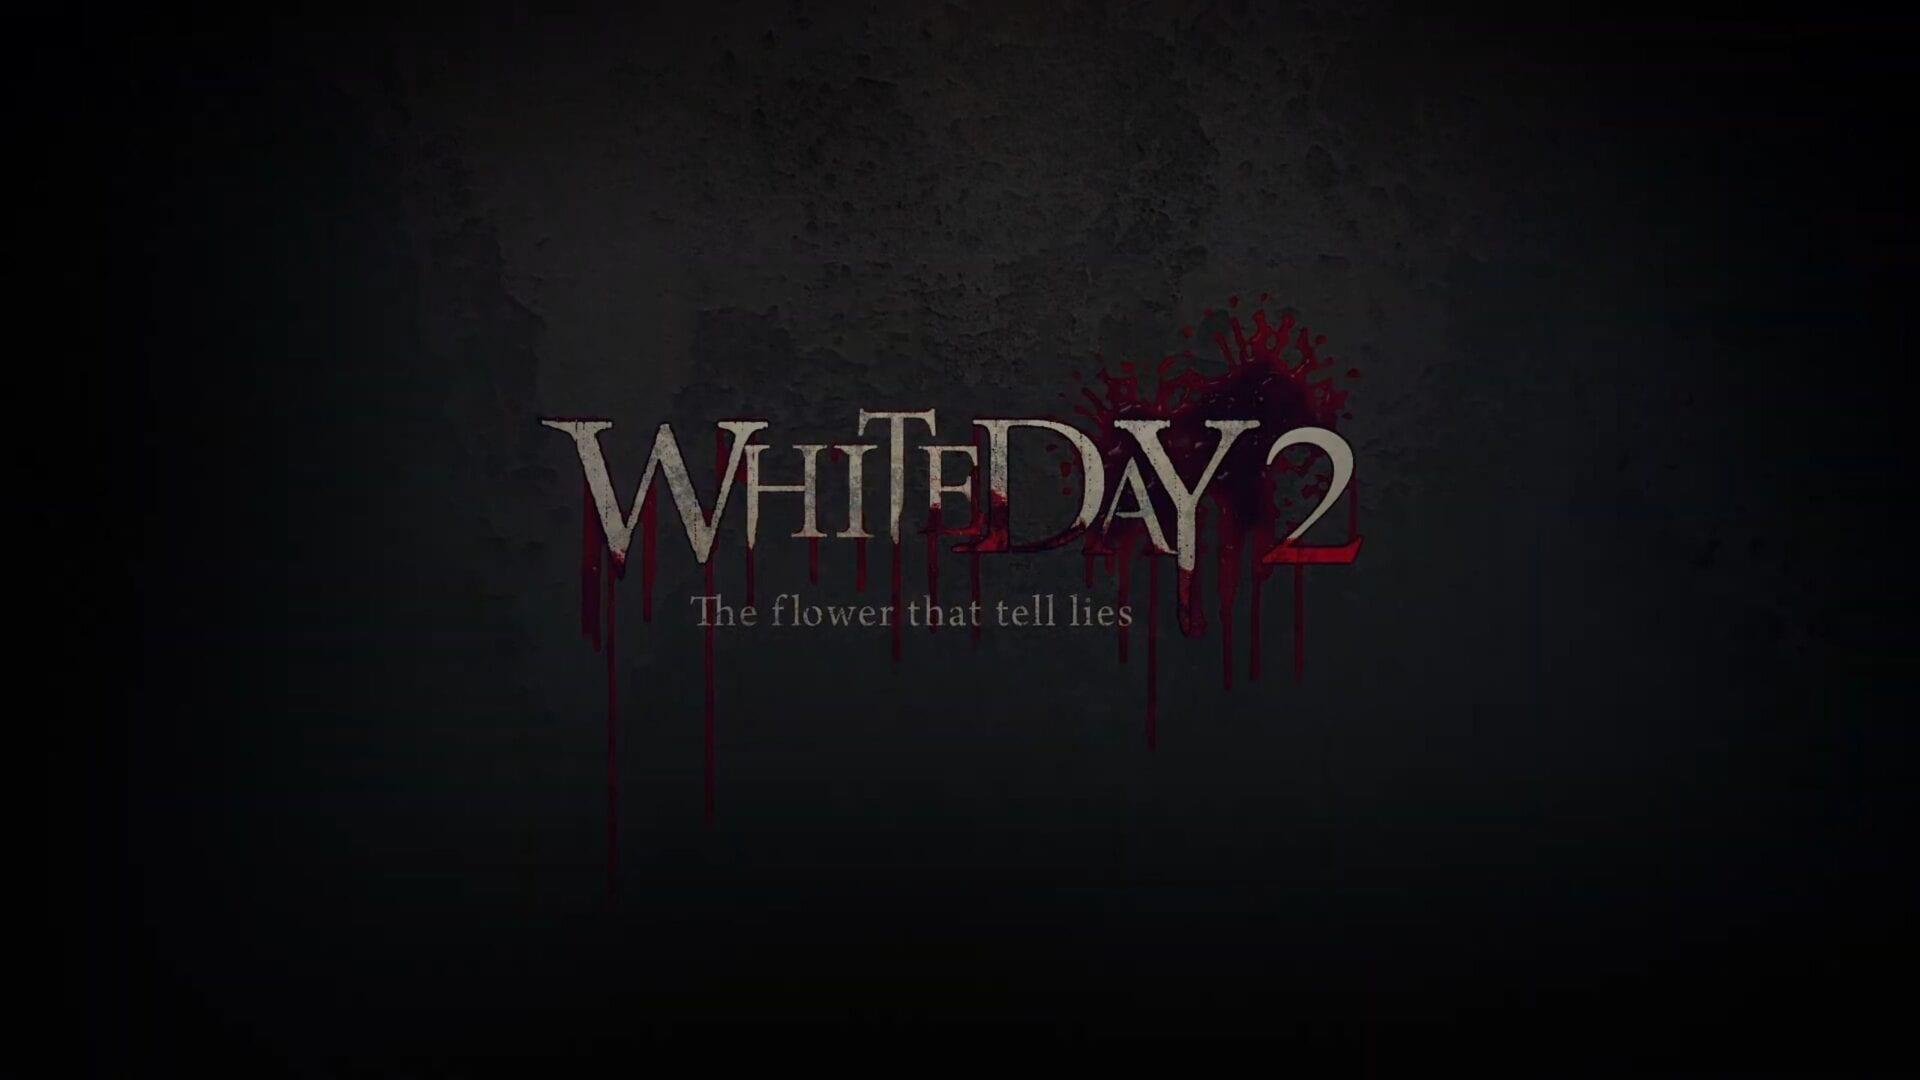 White Day 2